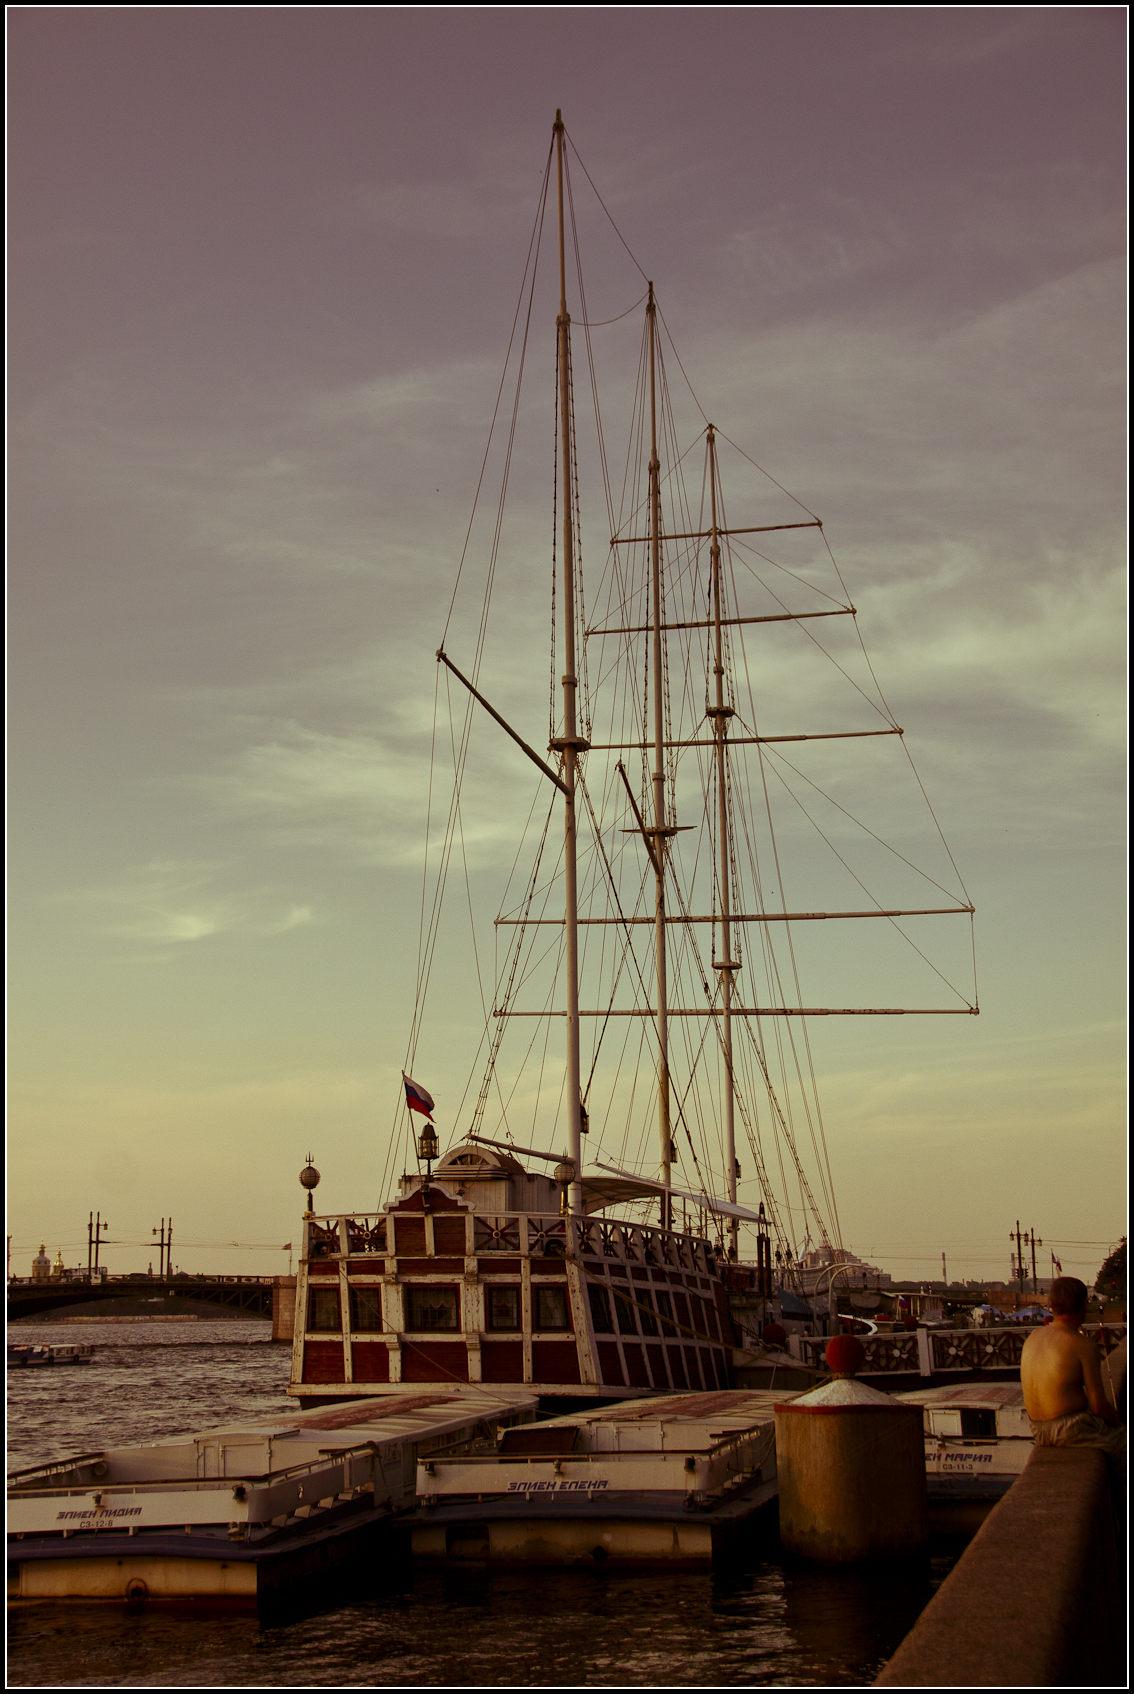 Ship-restaurant along the Neva in St.Petersburg, during an evening walk